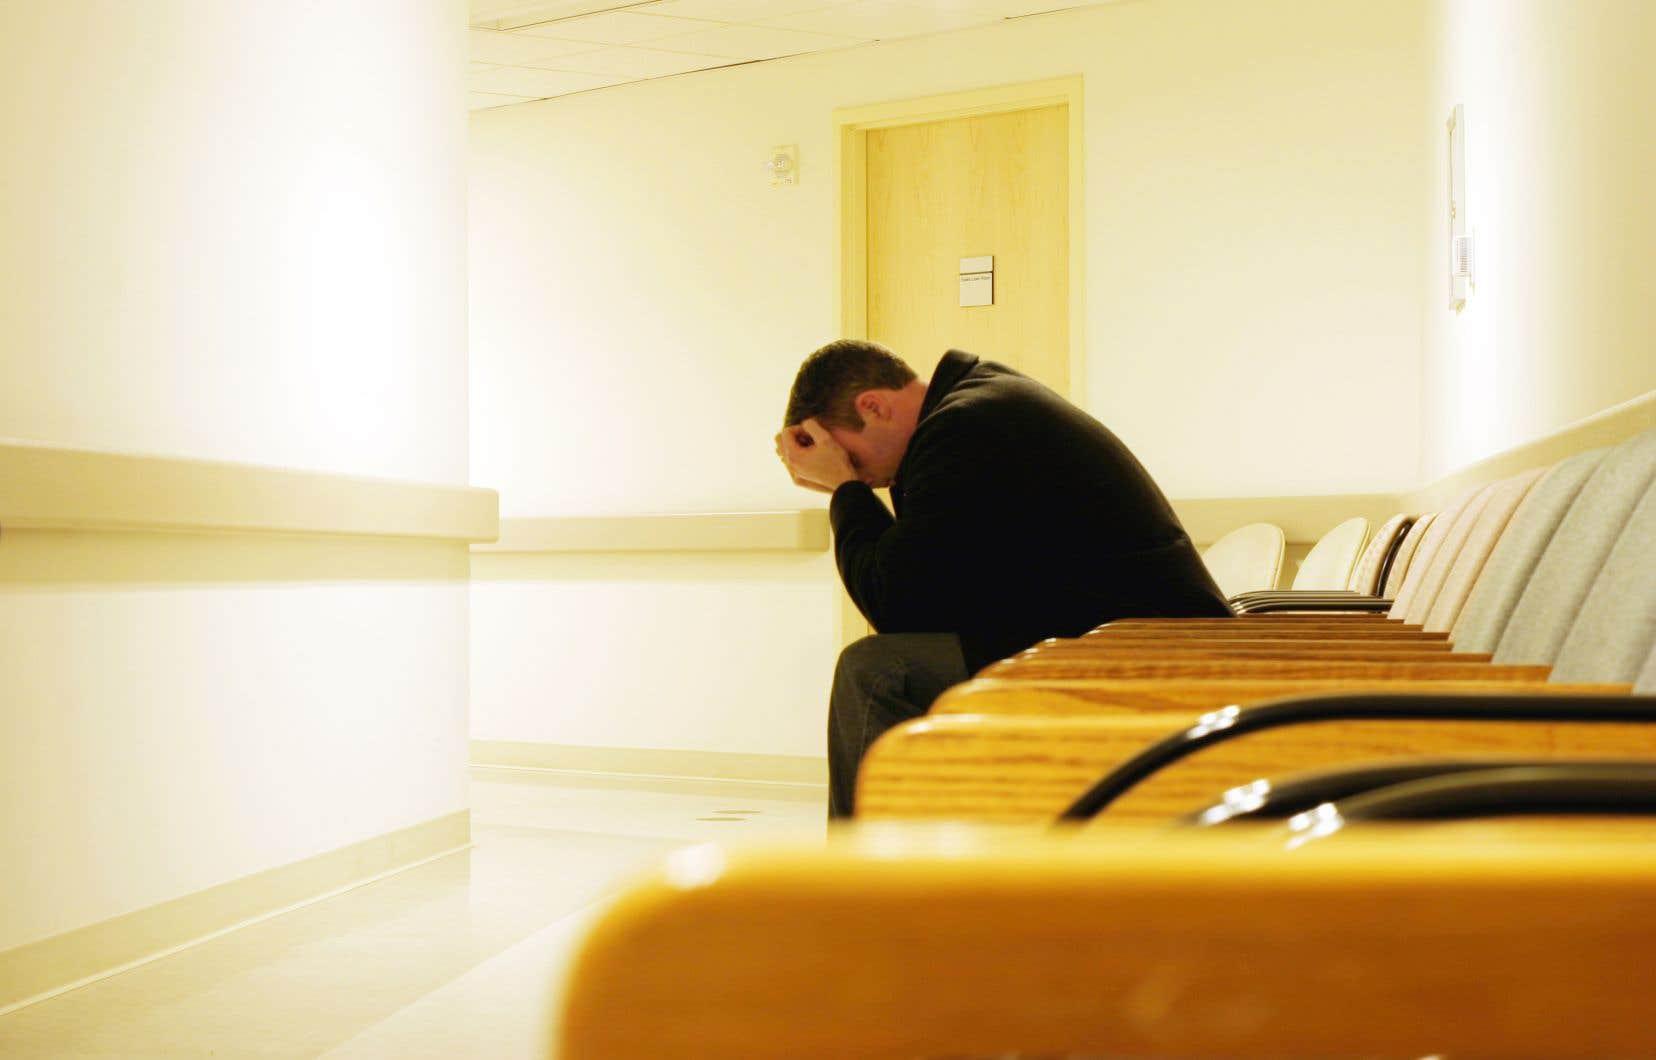 La psychothérapie n'est pas rapidement et gratuitement accessible au Québec, déplore l'auteure.